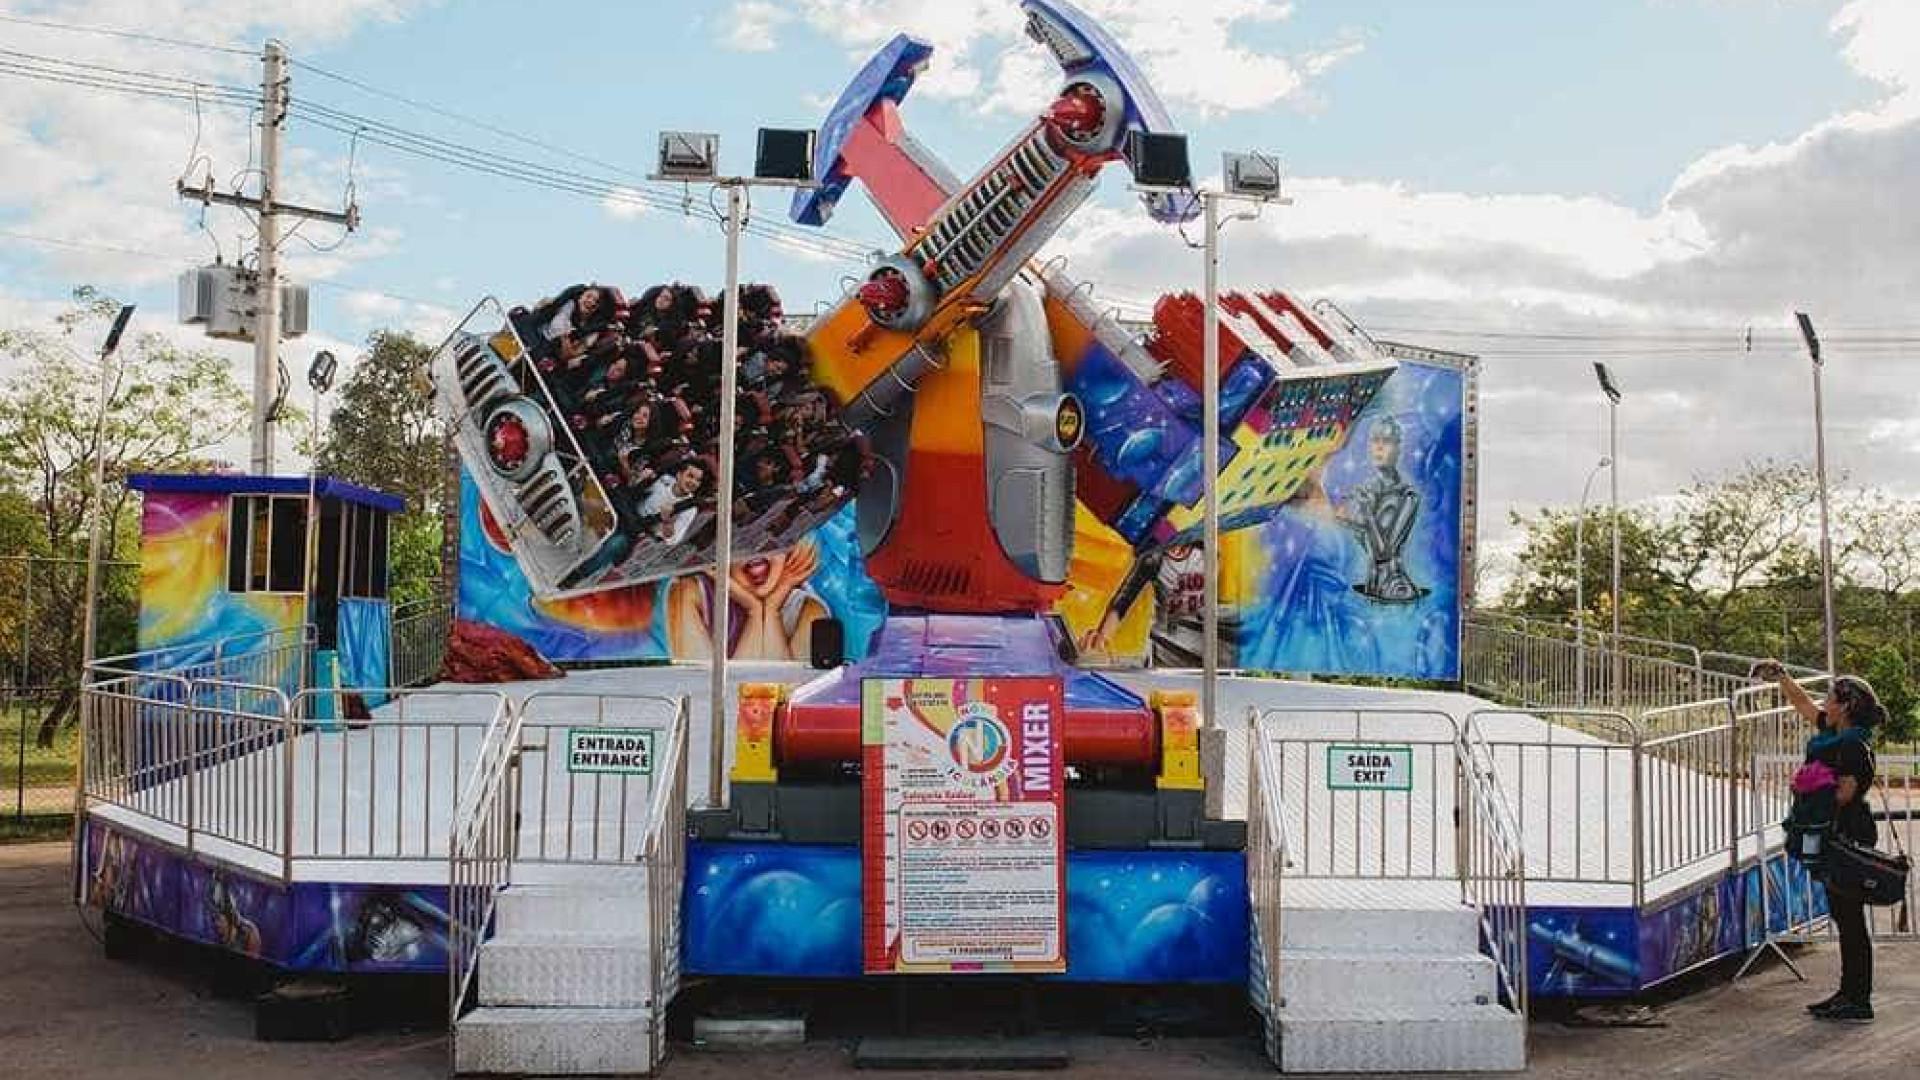 Crianças ficam penduradas em brinquedo de parque de diversões; vídeo